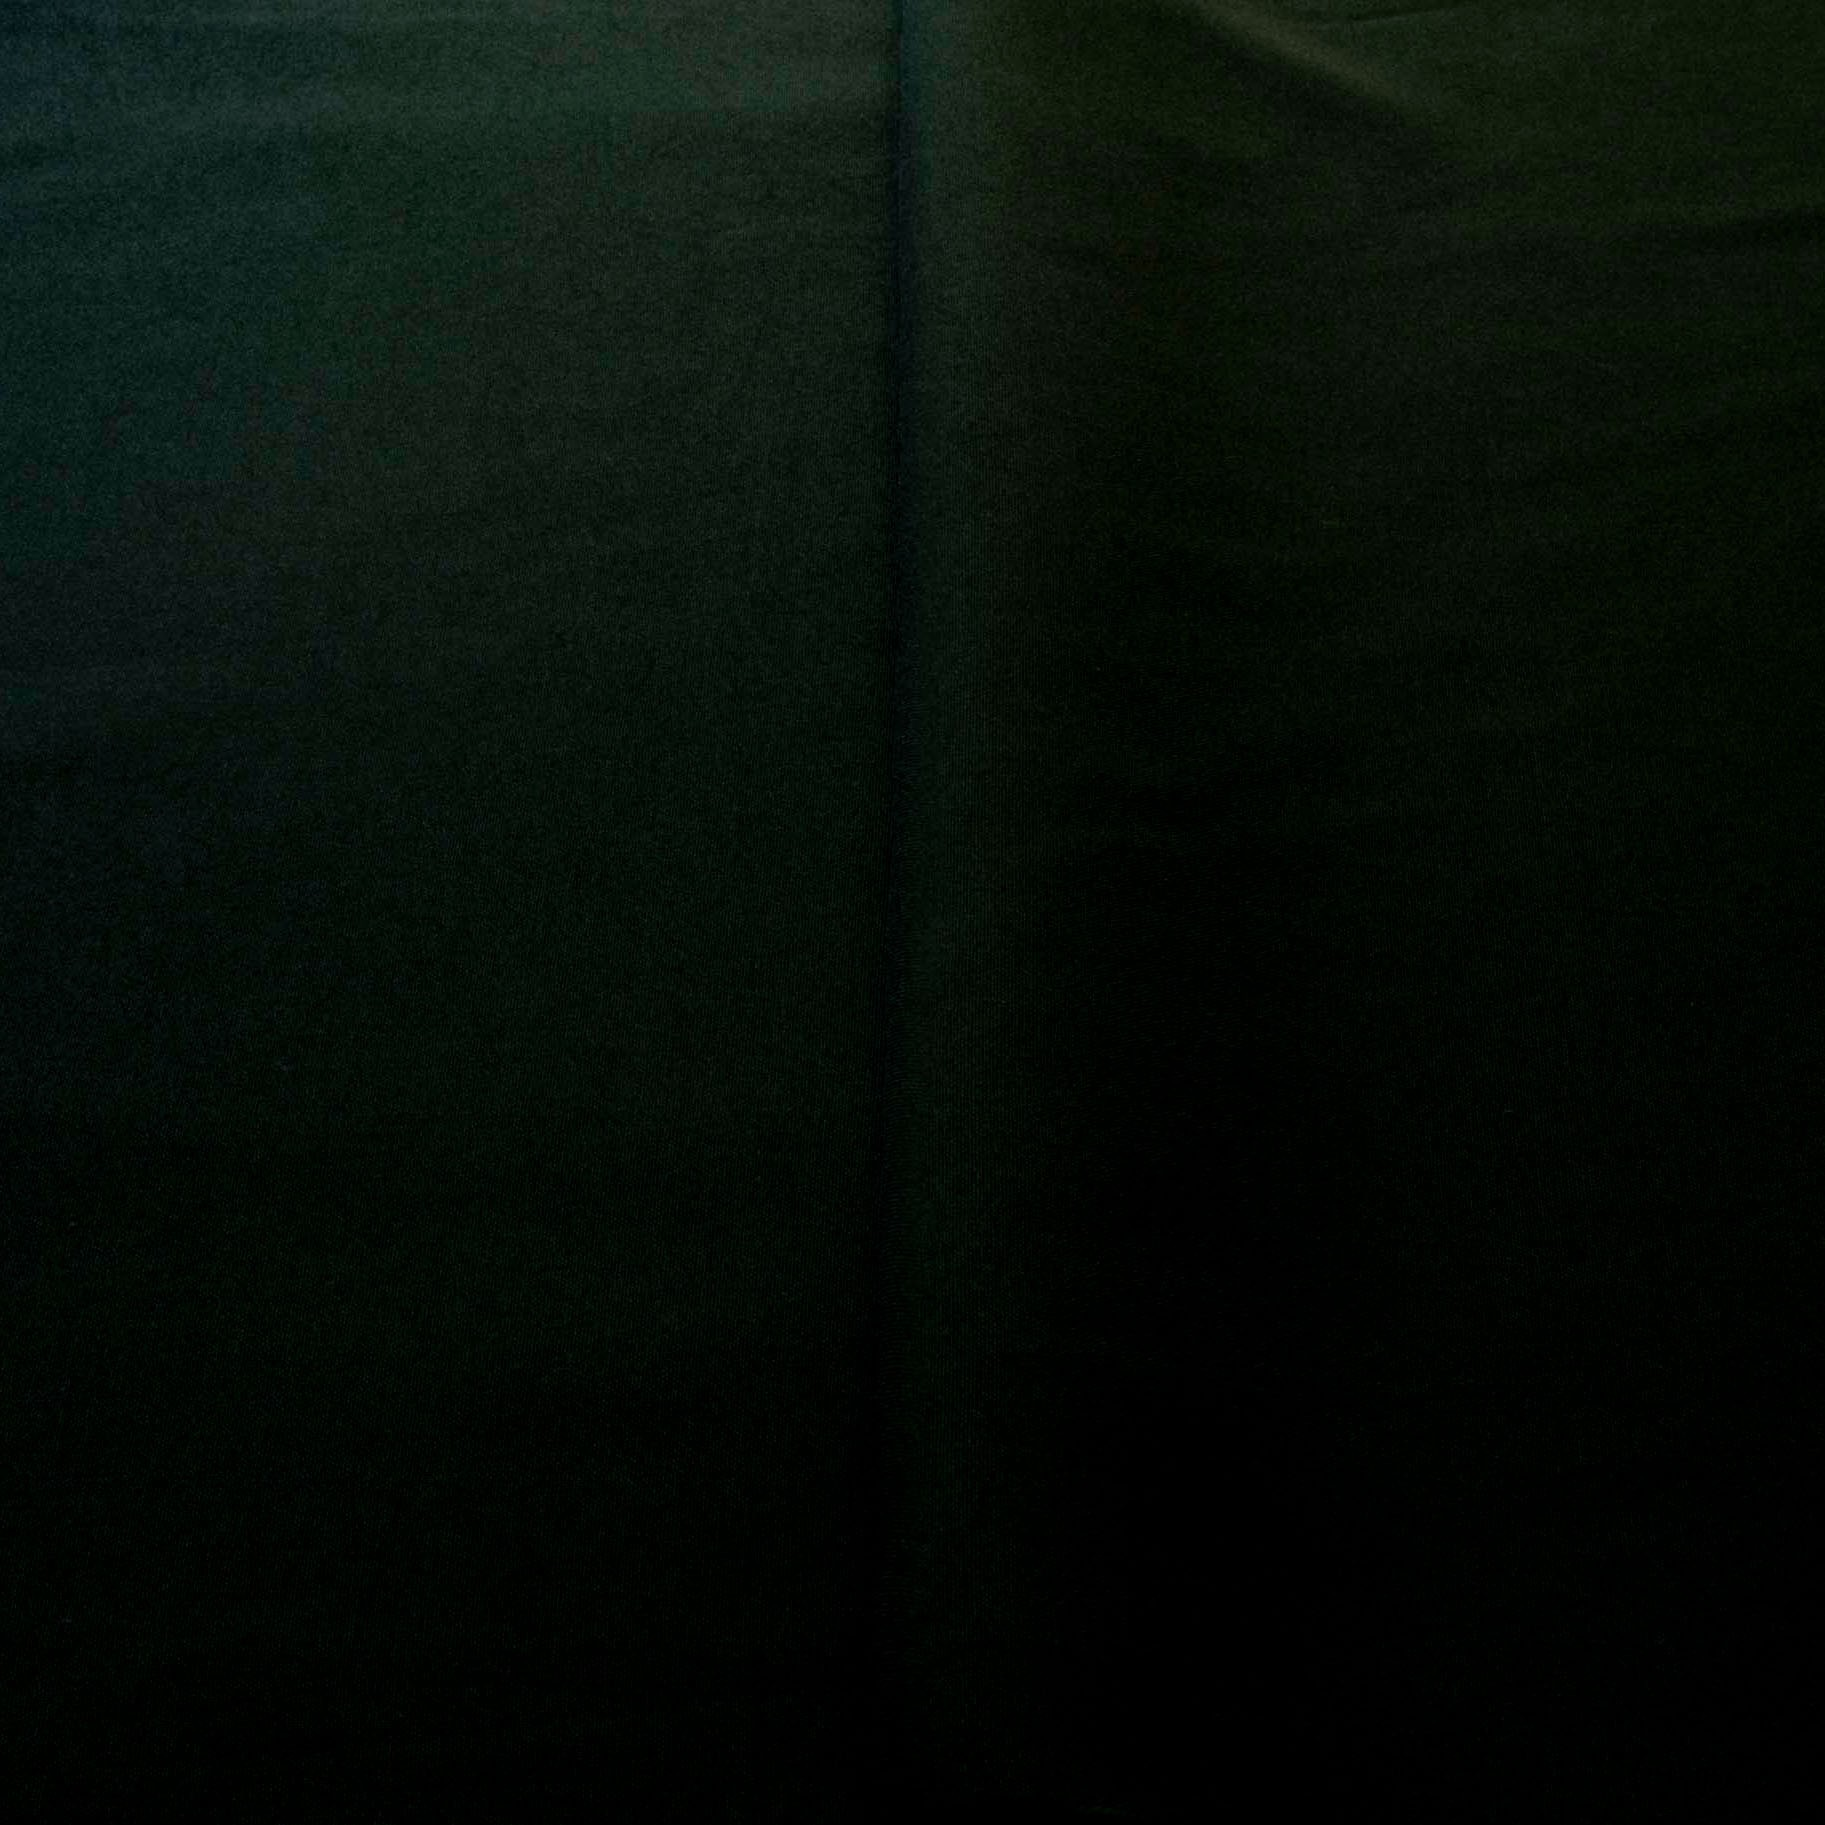 Tecido Oxford 100% Poliester 1,50 m Largura Verde Escuro